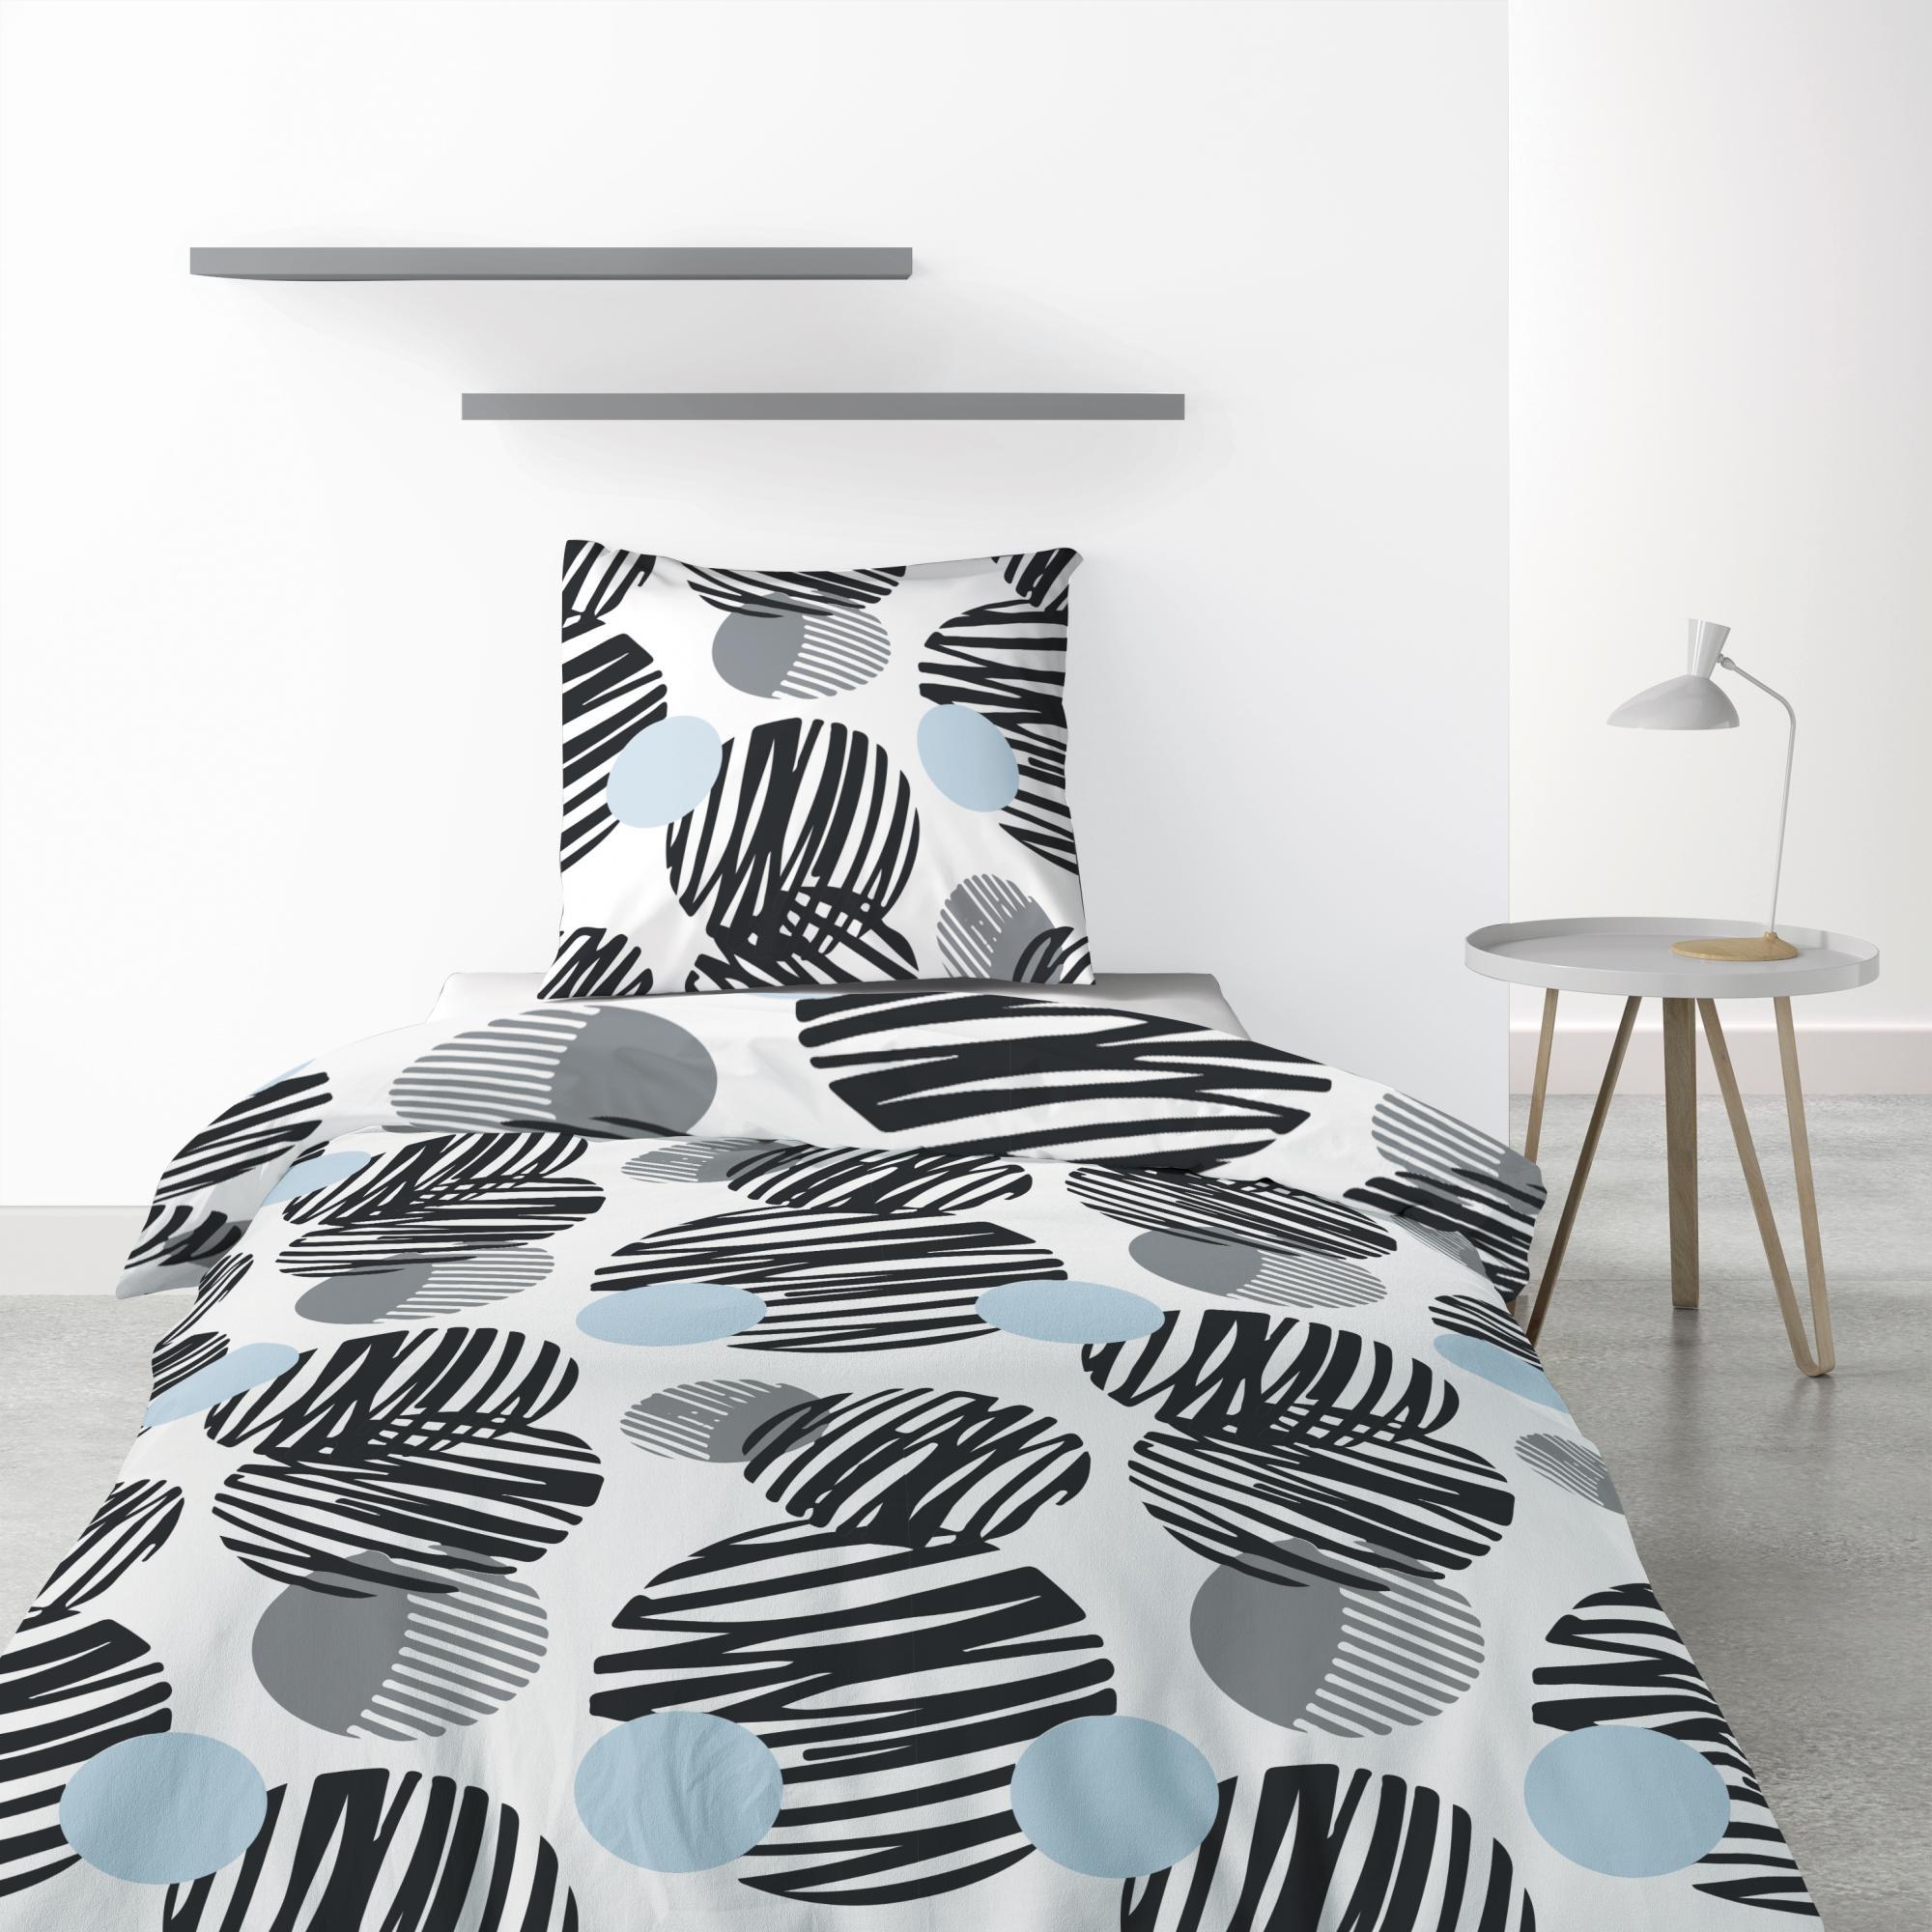 Parure de lit 1 personne Cerclus avec housse de couette et taie d'oreiller Imprimé 140 x 200